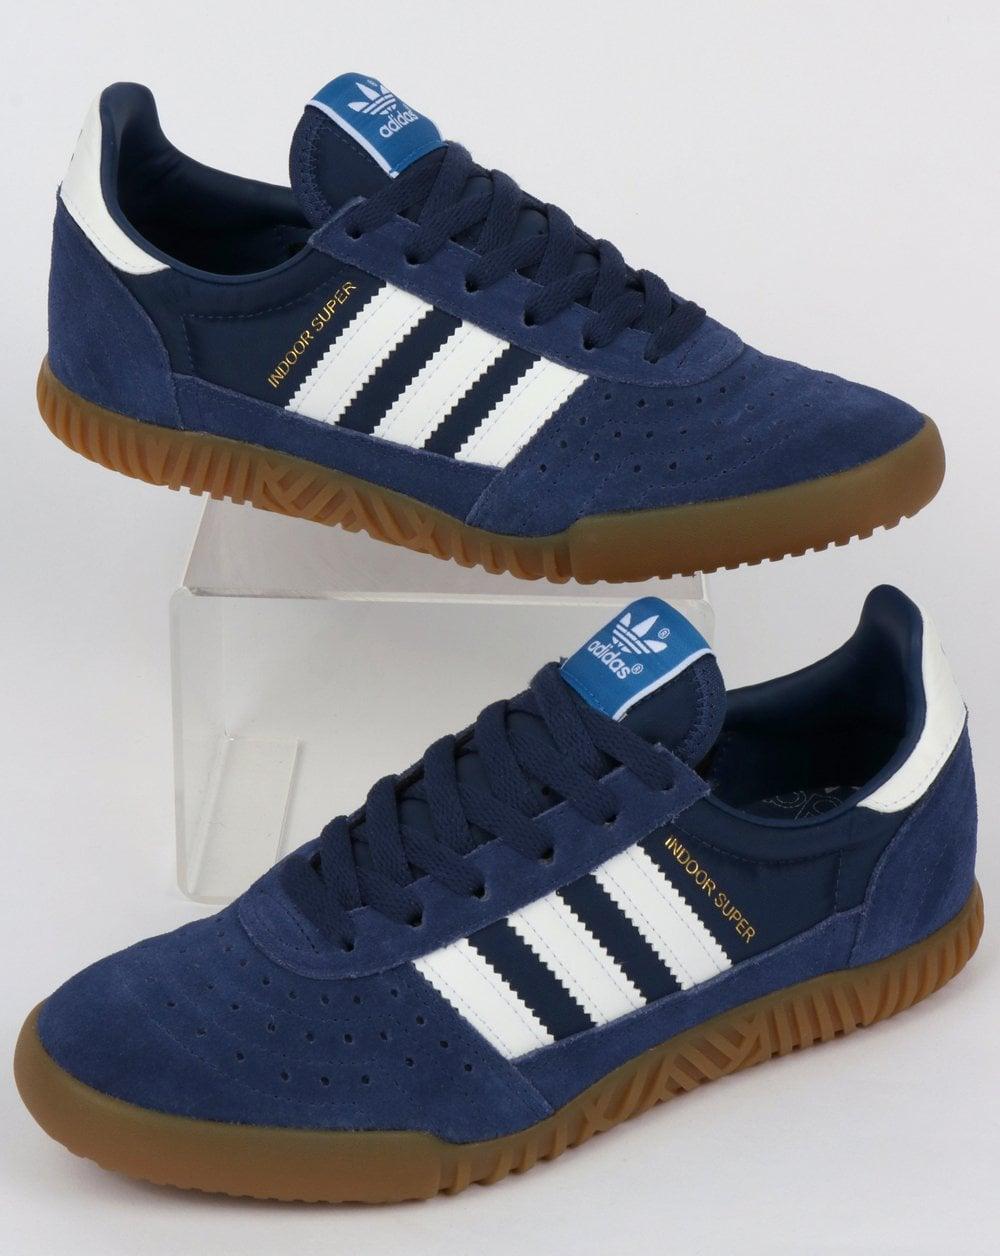 38028fb60850b7 Adidas Indoor Super Trainer Indigo Blue/White gum | 80s casual classics